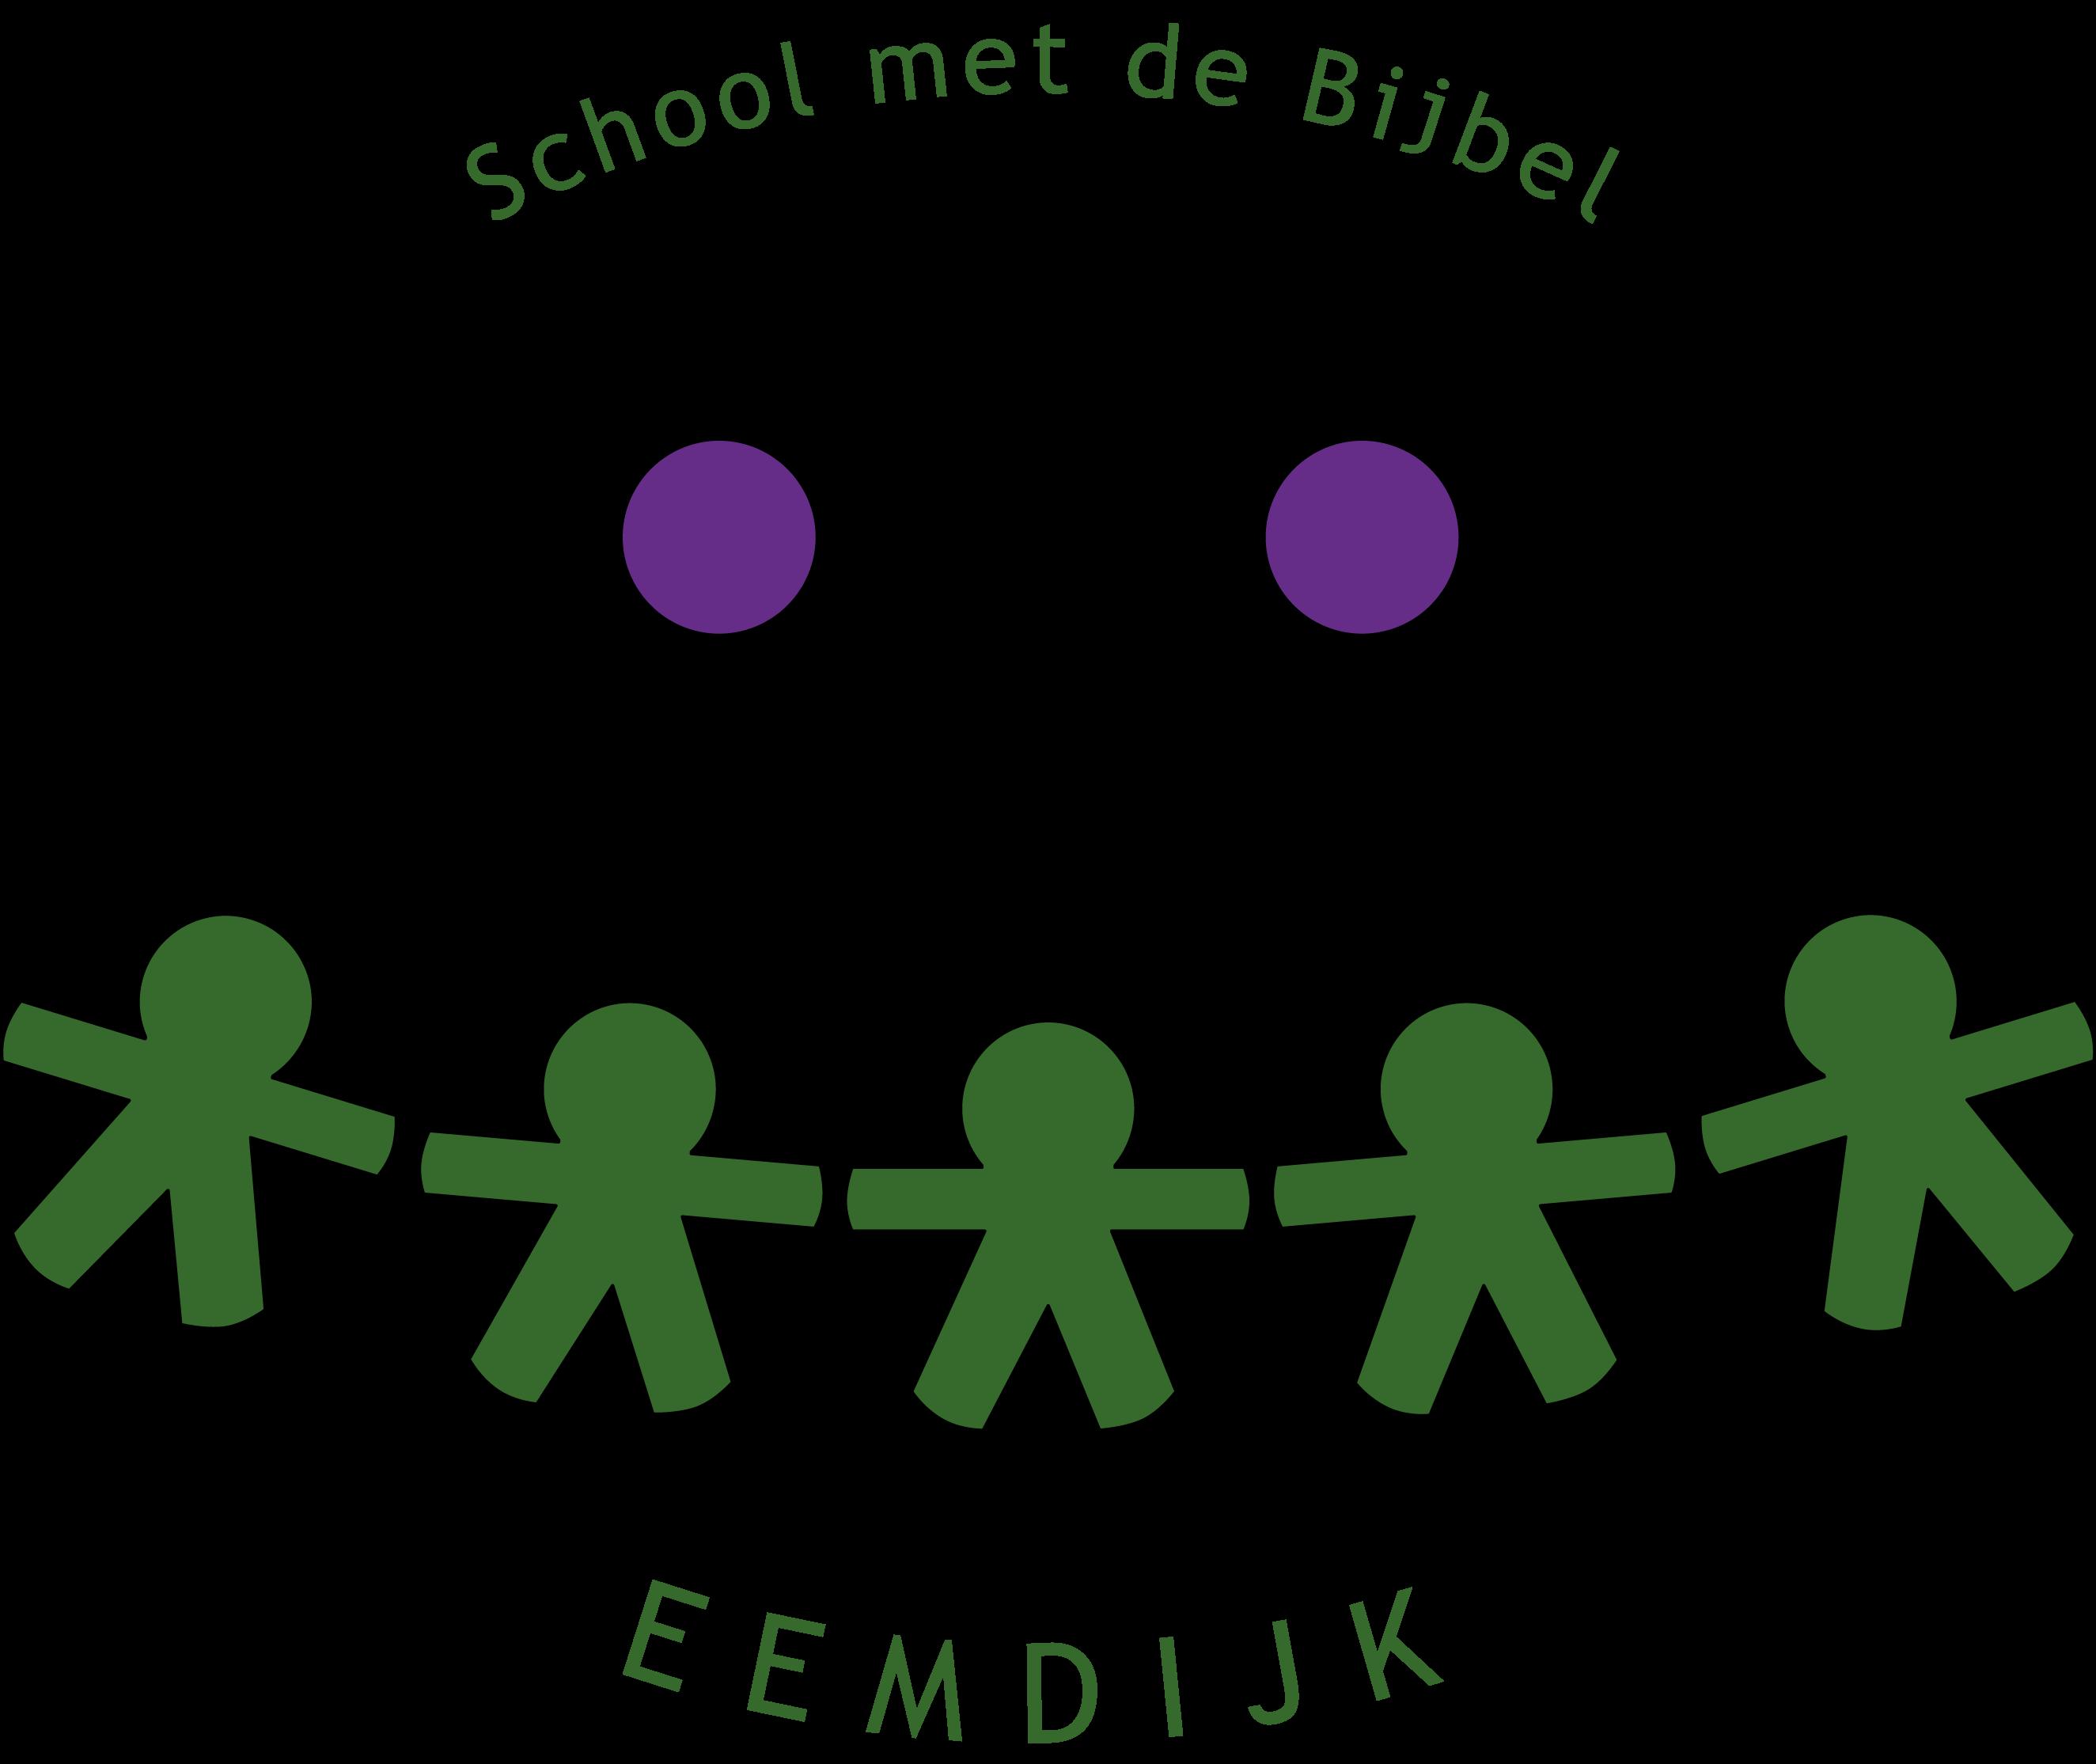 School met de Bijbel | Eemdijk | Logo